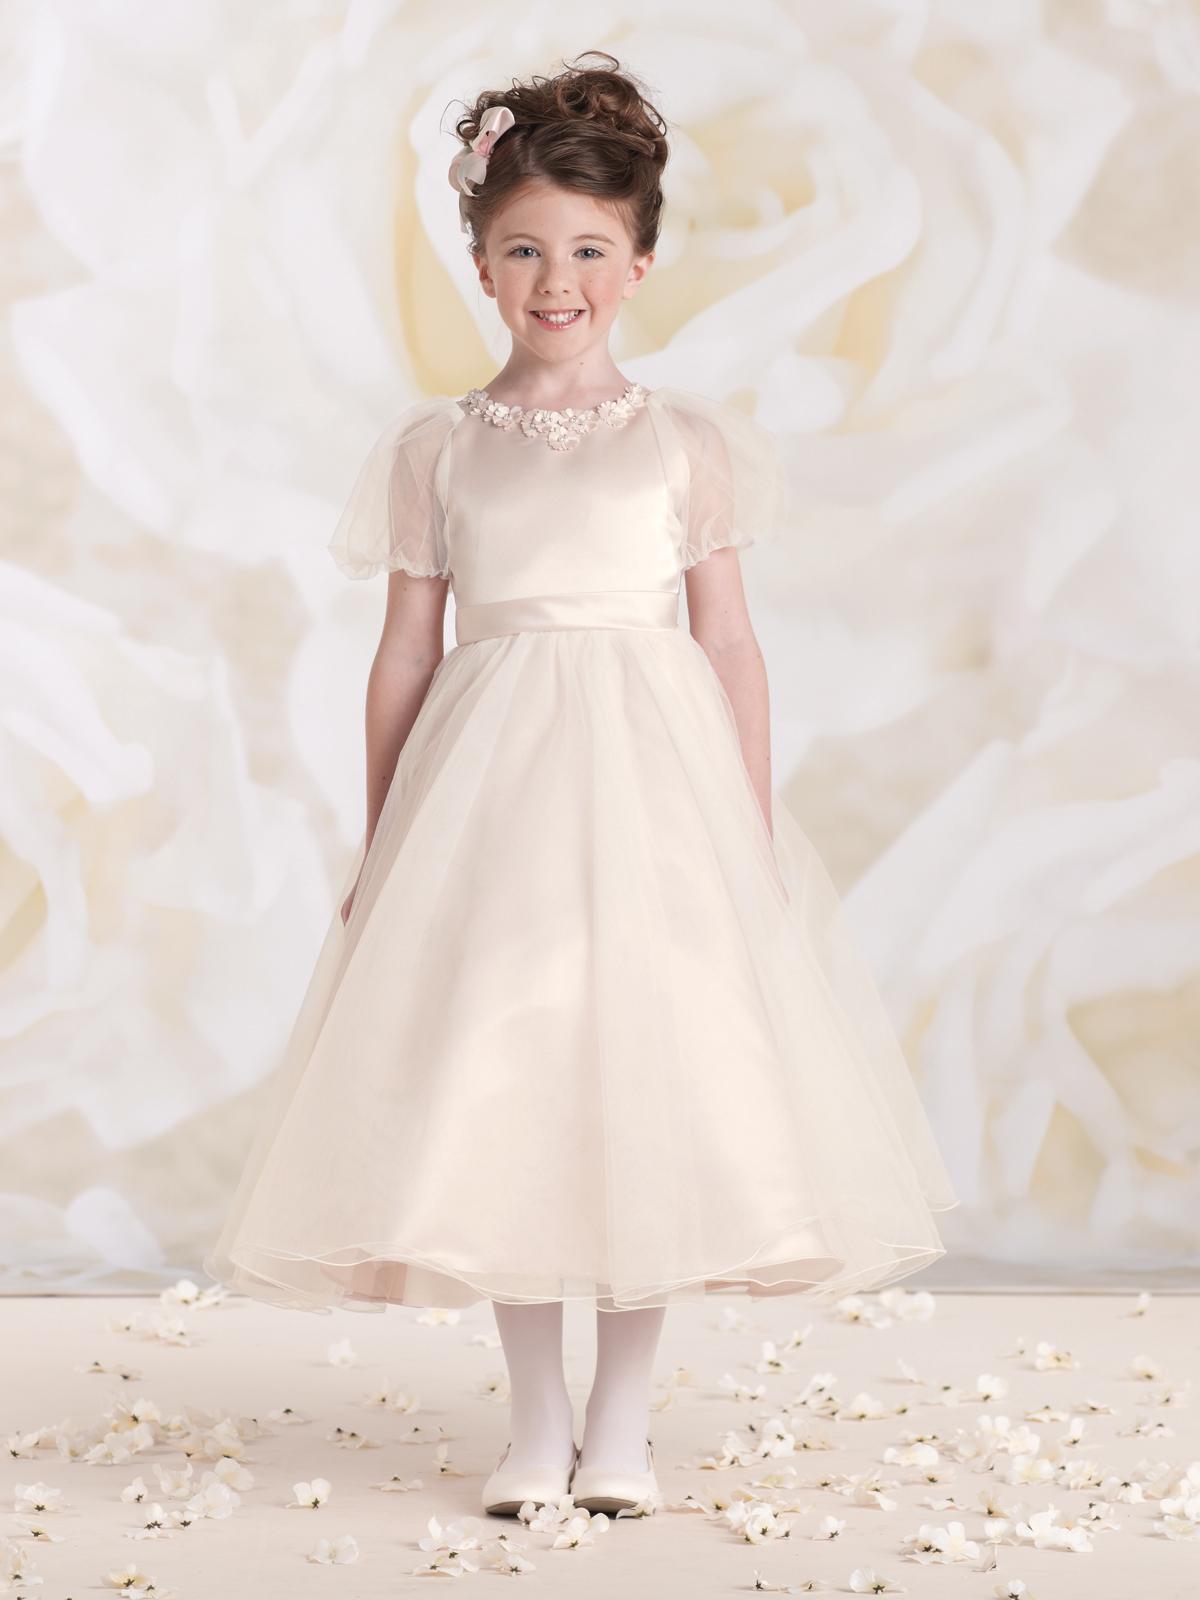 Vestido de Dama corpo em cetim com detalhe de flores em tecido aplicadas no decote e mangas curtase saia franzida em organza.